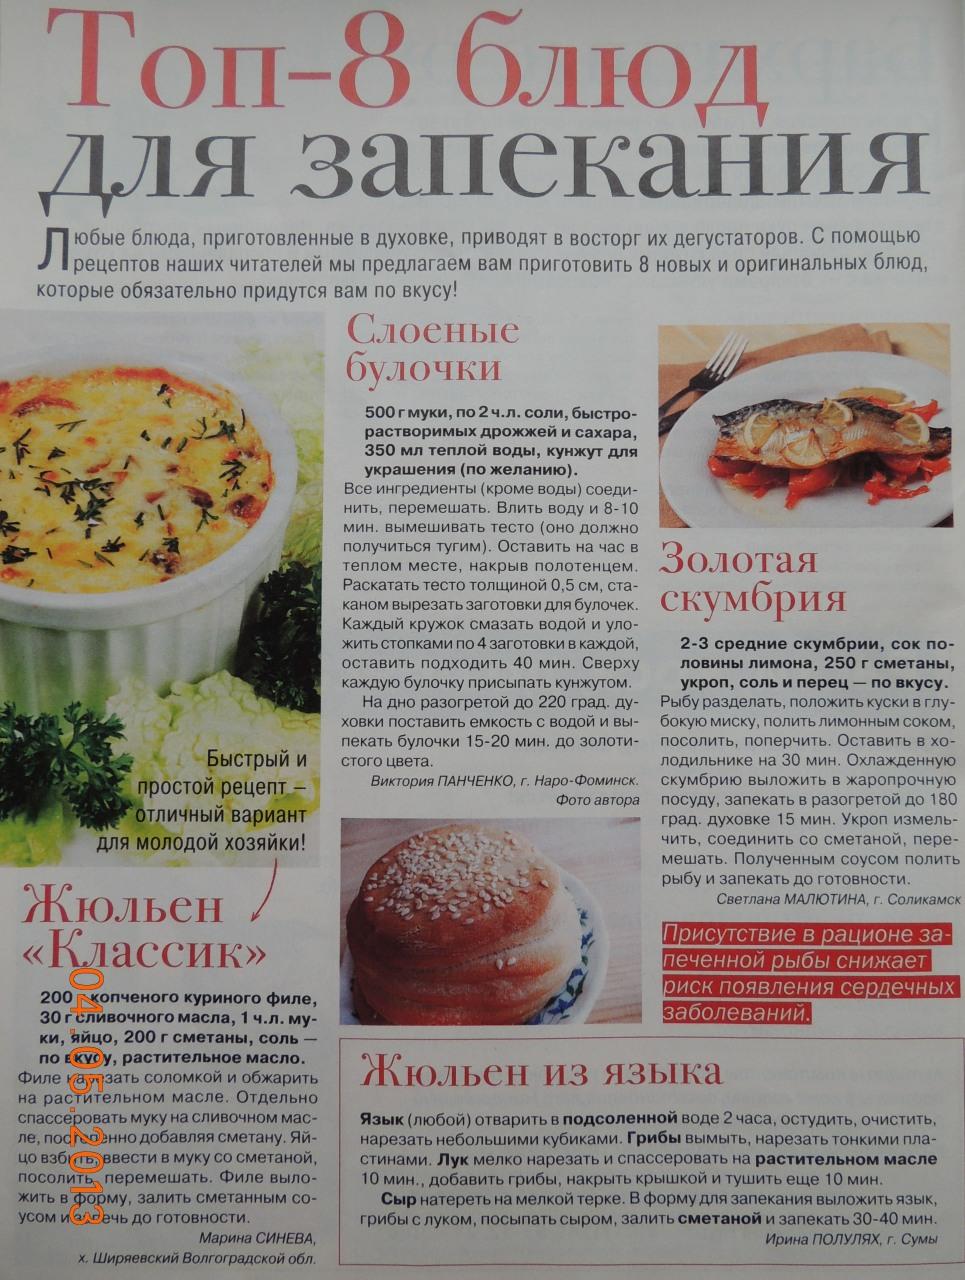 Суп с фрикадельками рецепт приготовления пошагово